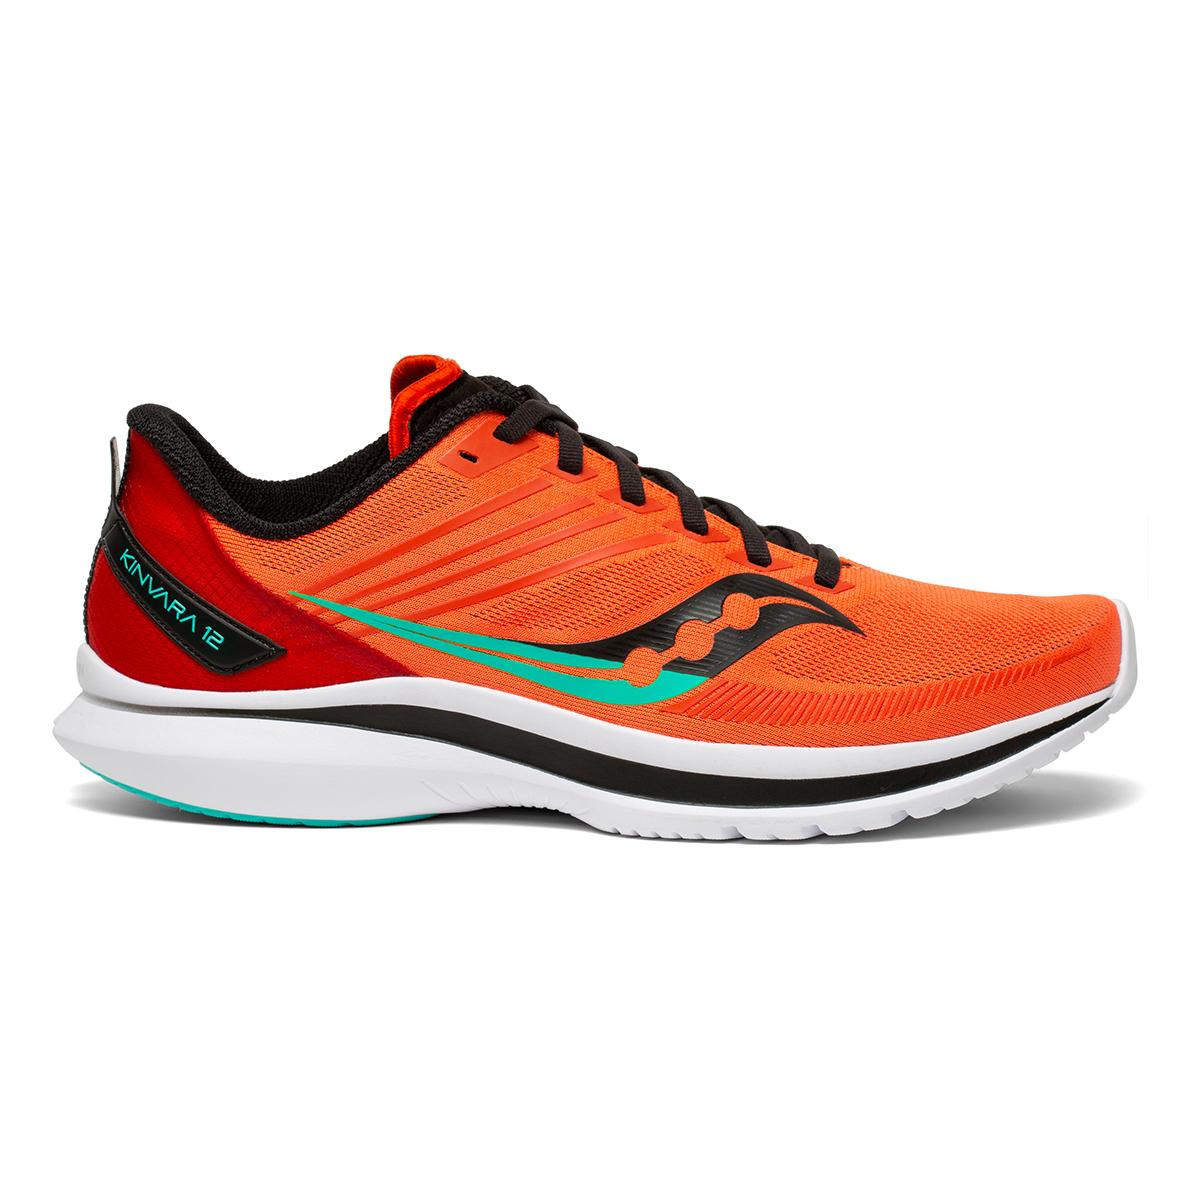 Men's Saucony Kinvara 12 Running Shoe - Color: Vizi/Scarlet - Size: 7 - Width: Regular, Vizi/Scarlet, large, image 1